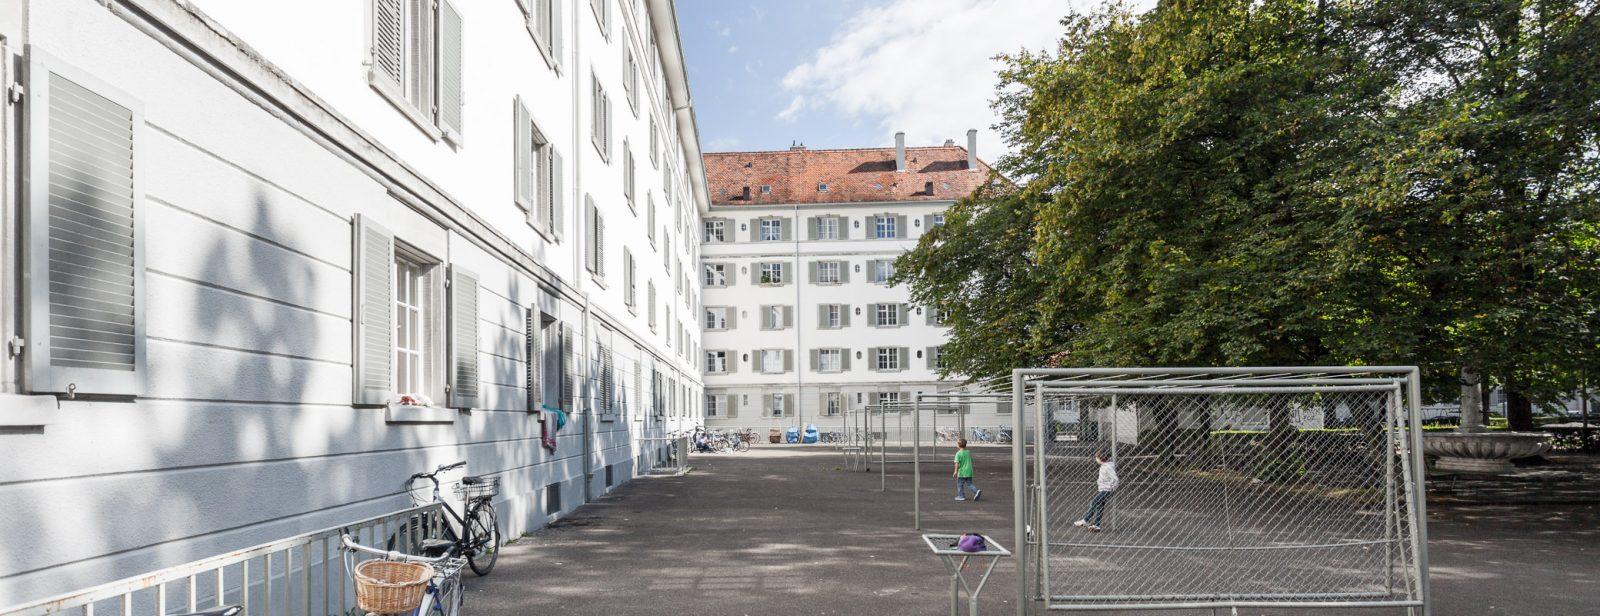 Wohnsiedlung Zurlinden, Zürich